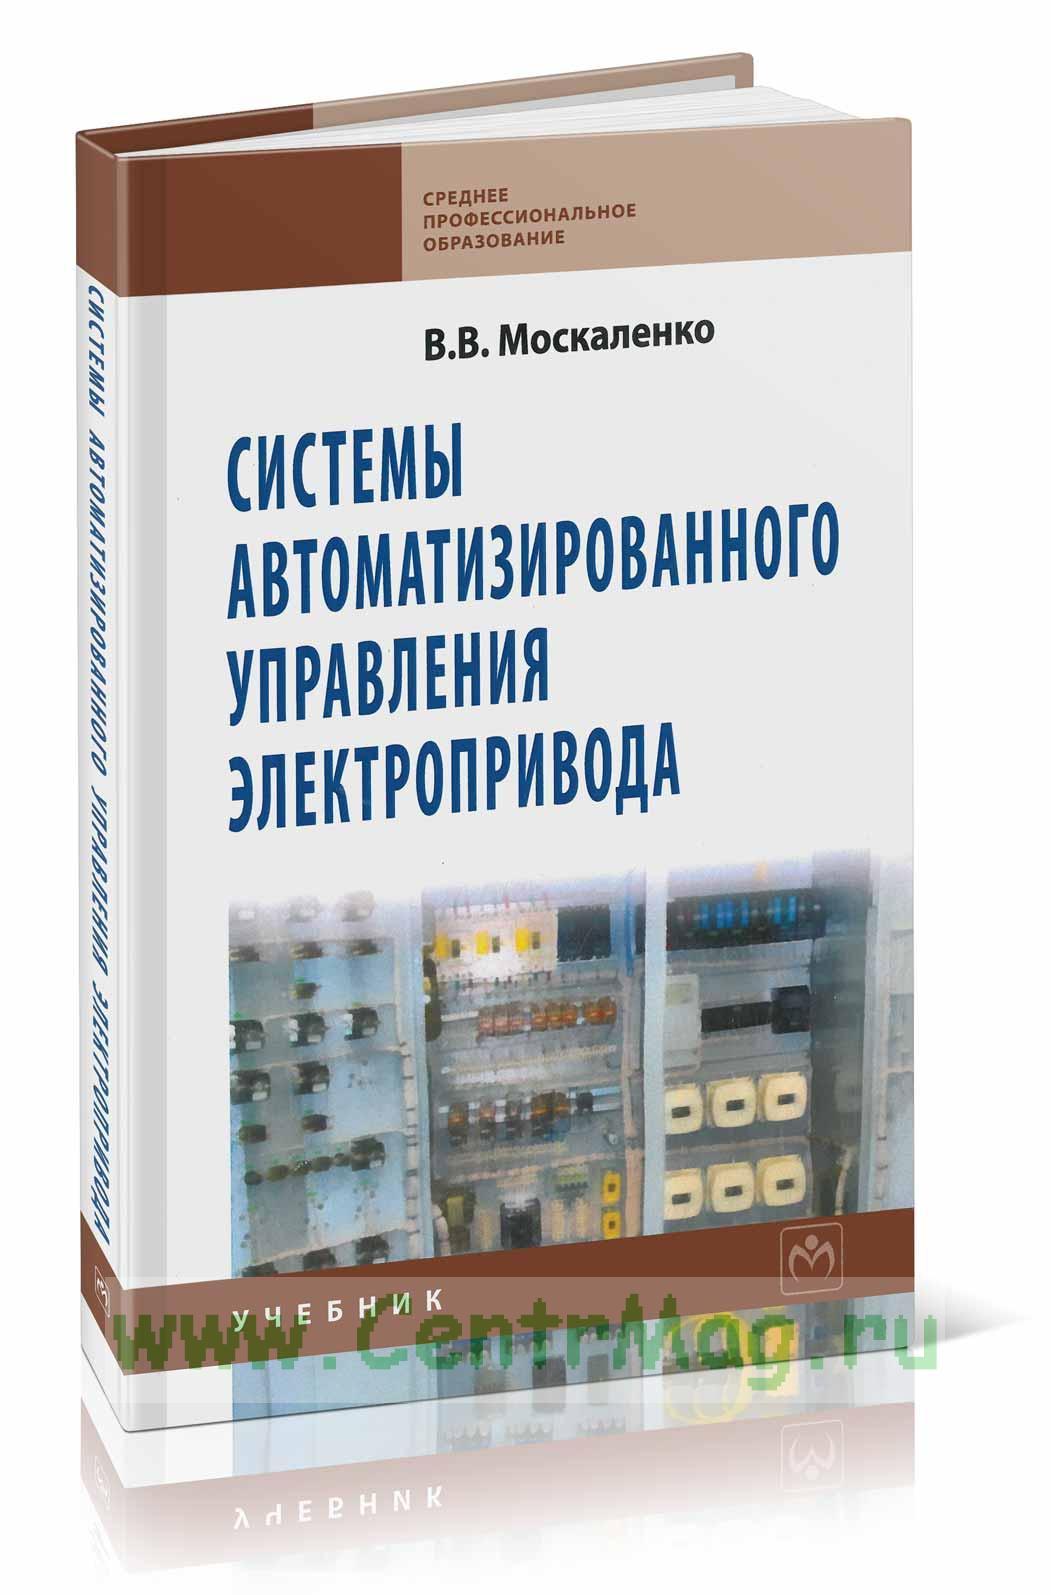 Москаленко в.в. электрический привод читать и скачать бесплатно / библиотека / элек.ру